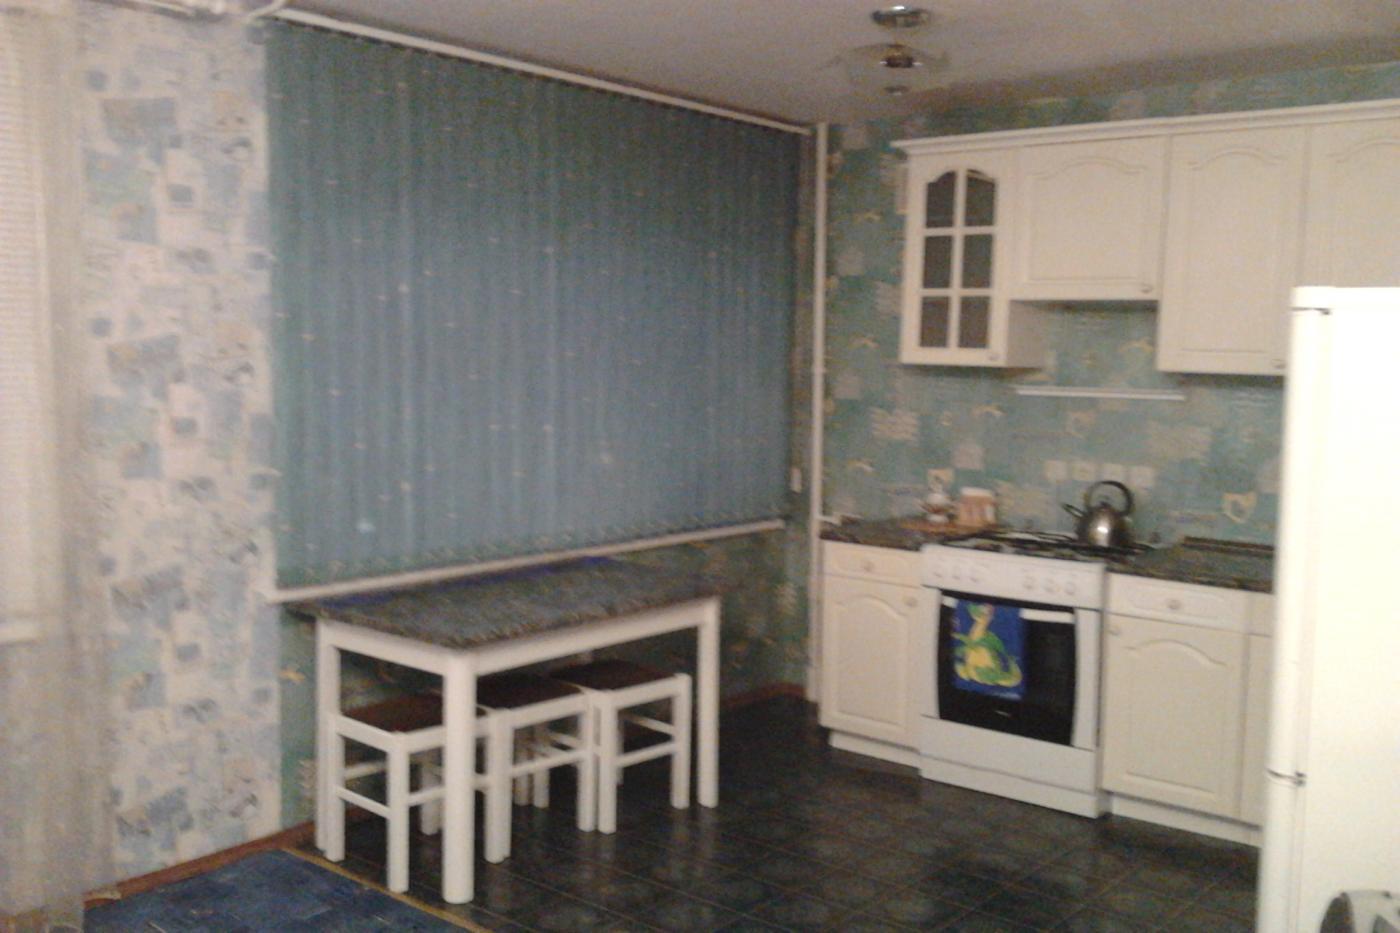 1-комнатная квартира посуточно (вариант № 3445), ул. Невская улица, фото № 5